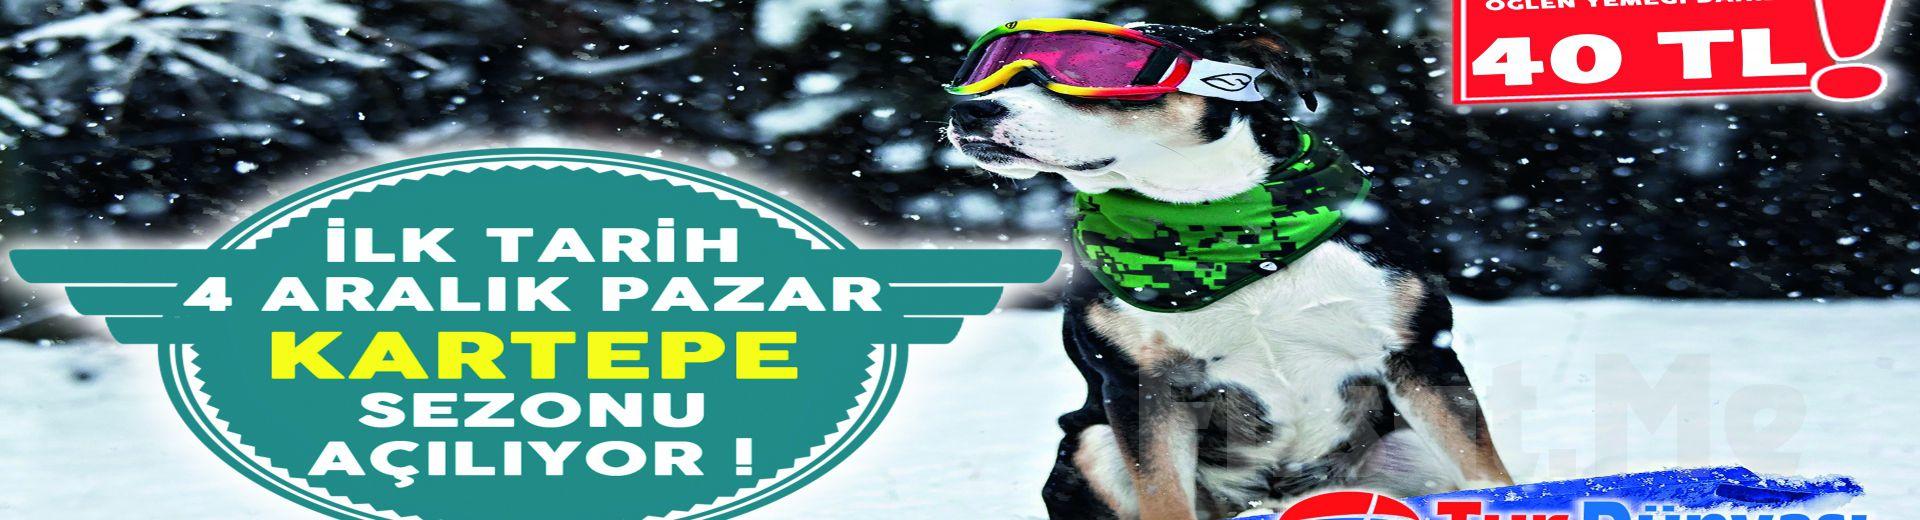 Kış Cenneti Kartepe'ye Gidiyoruz! Tur Dünya'sından Öğle Yemeği Dahil Günübirlik Kartepe Kayak Turu!